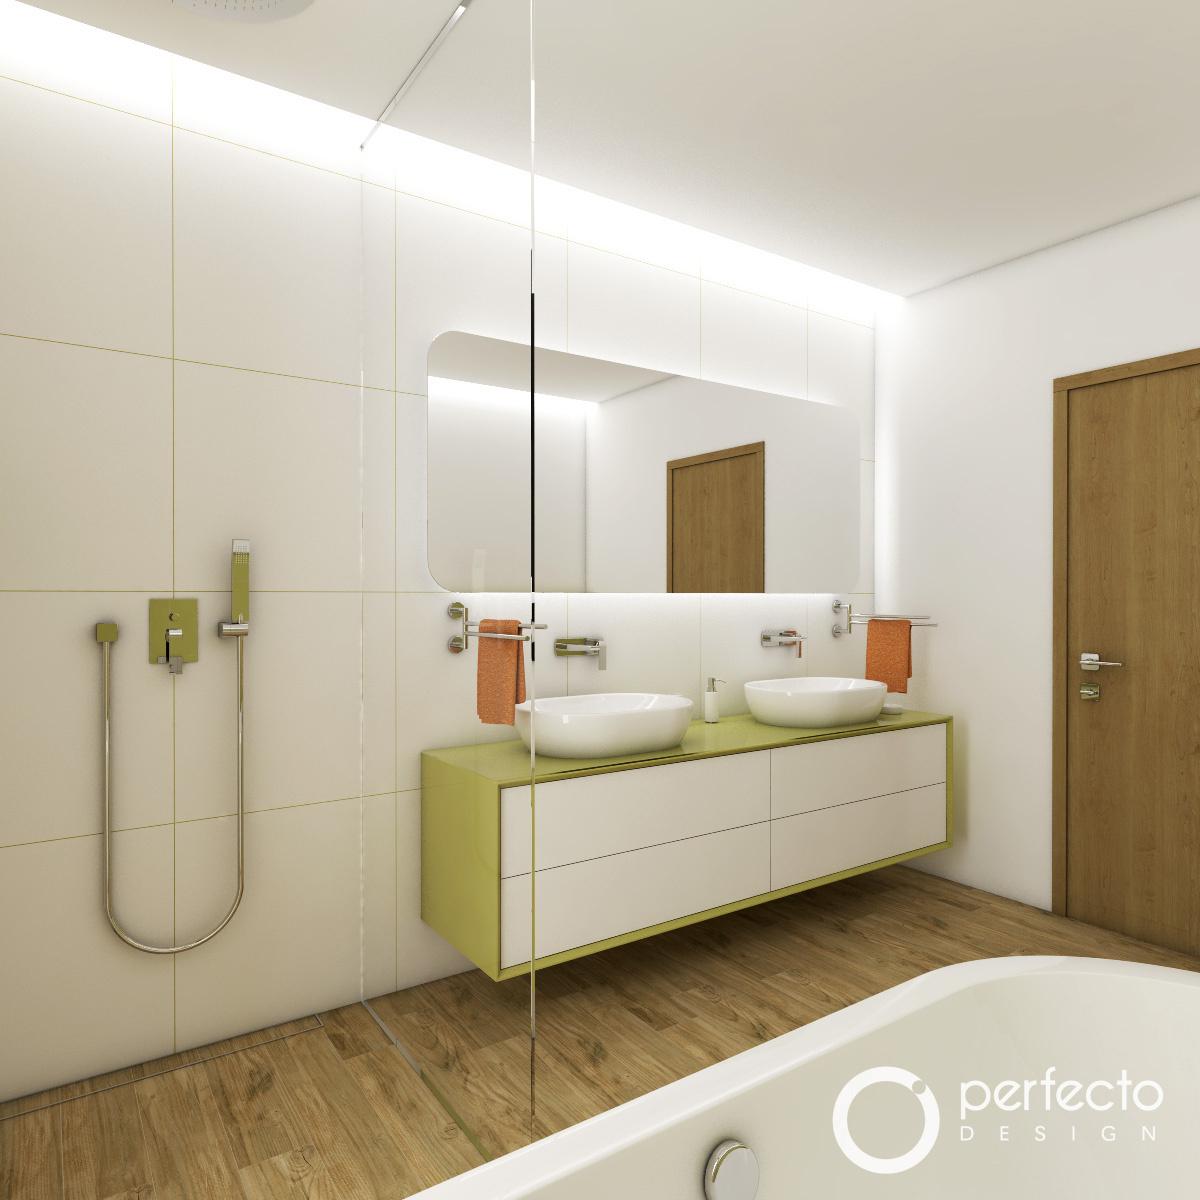 modernes badezimmer park perfecto design. Black Bedroom Furniture Sets. Home Design Ideas